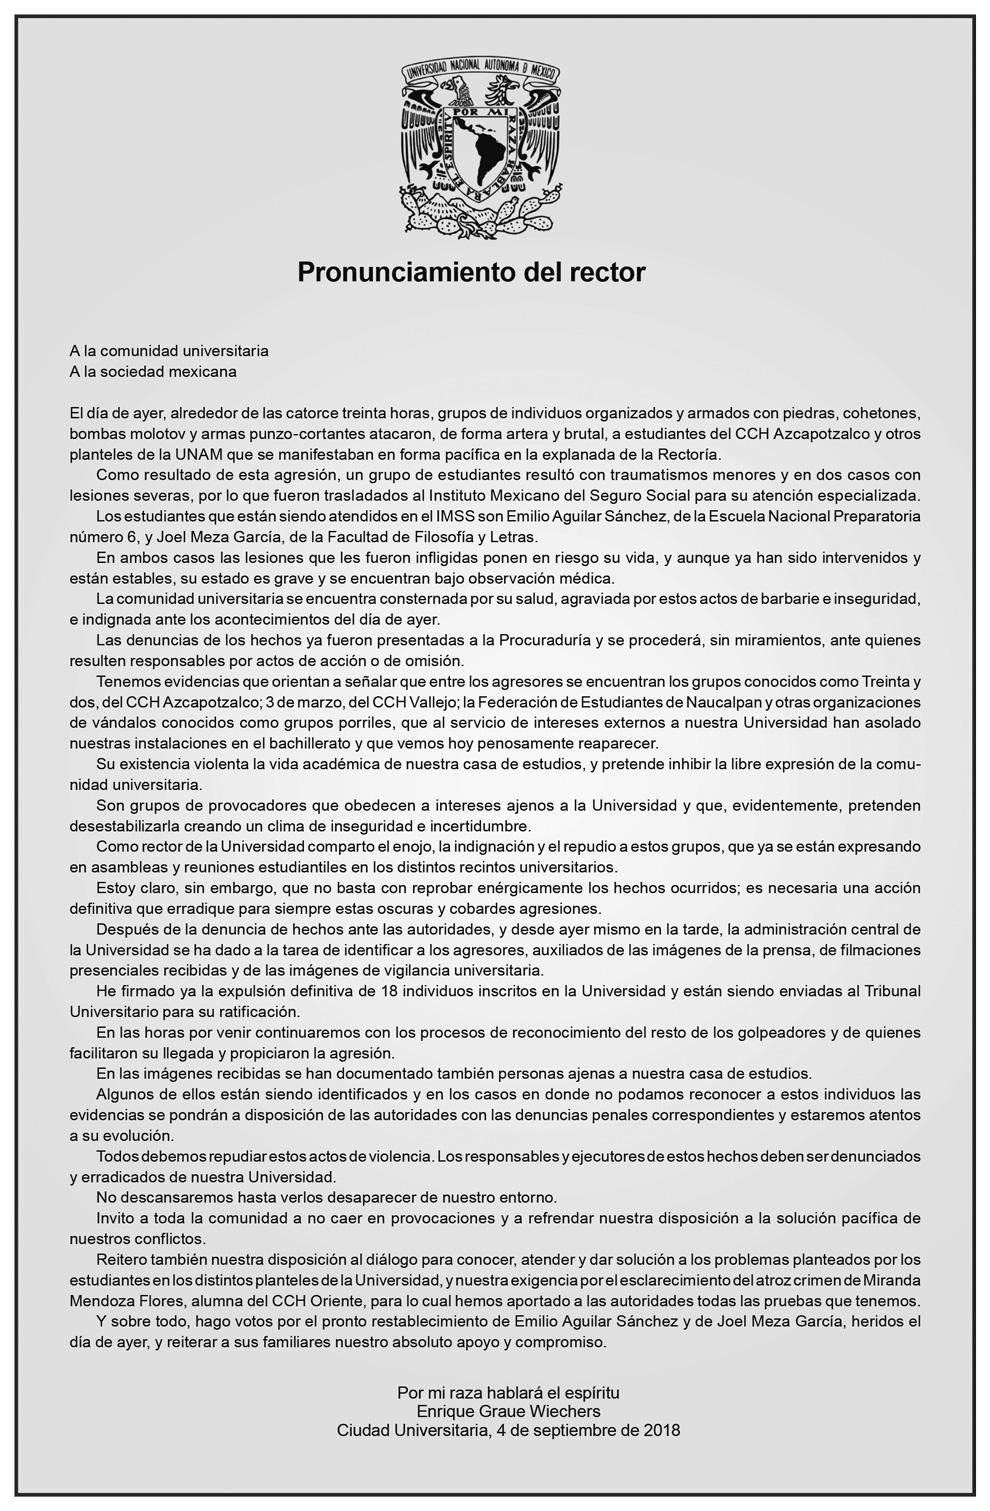 180906-pronunciamiento-del-rector